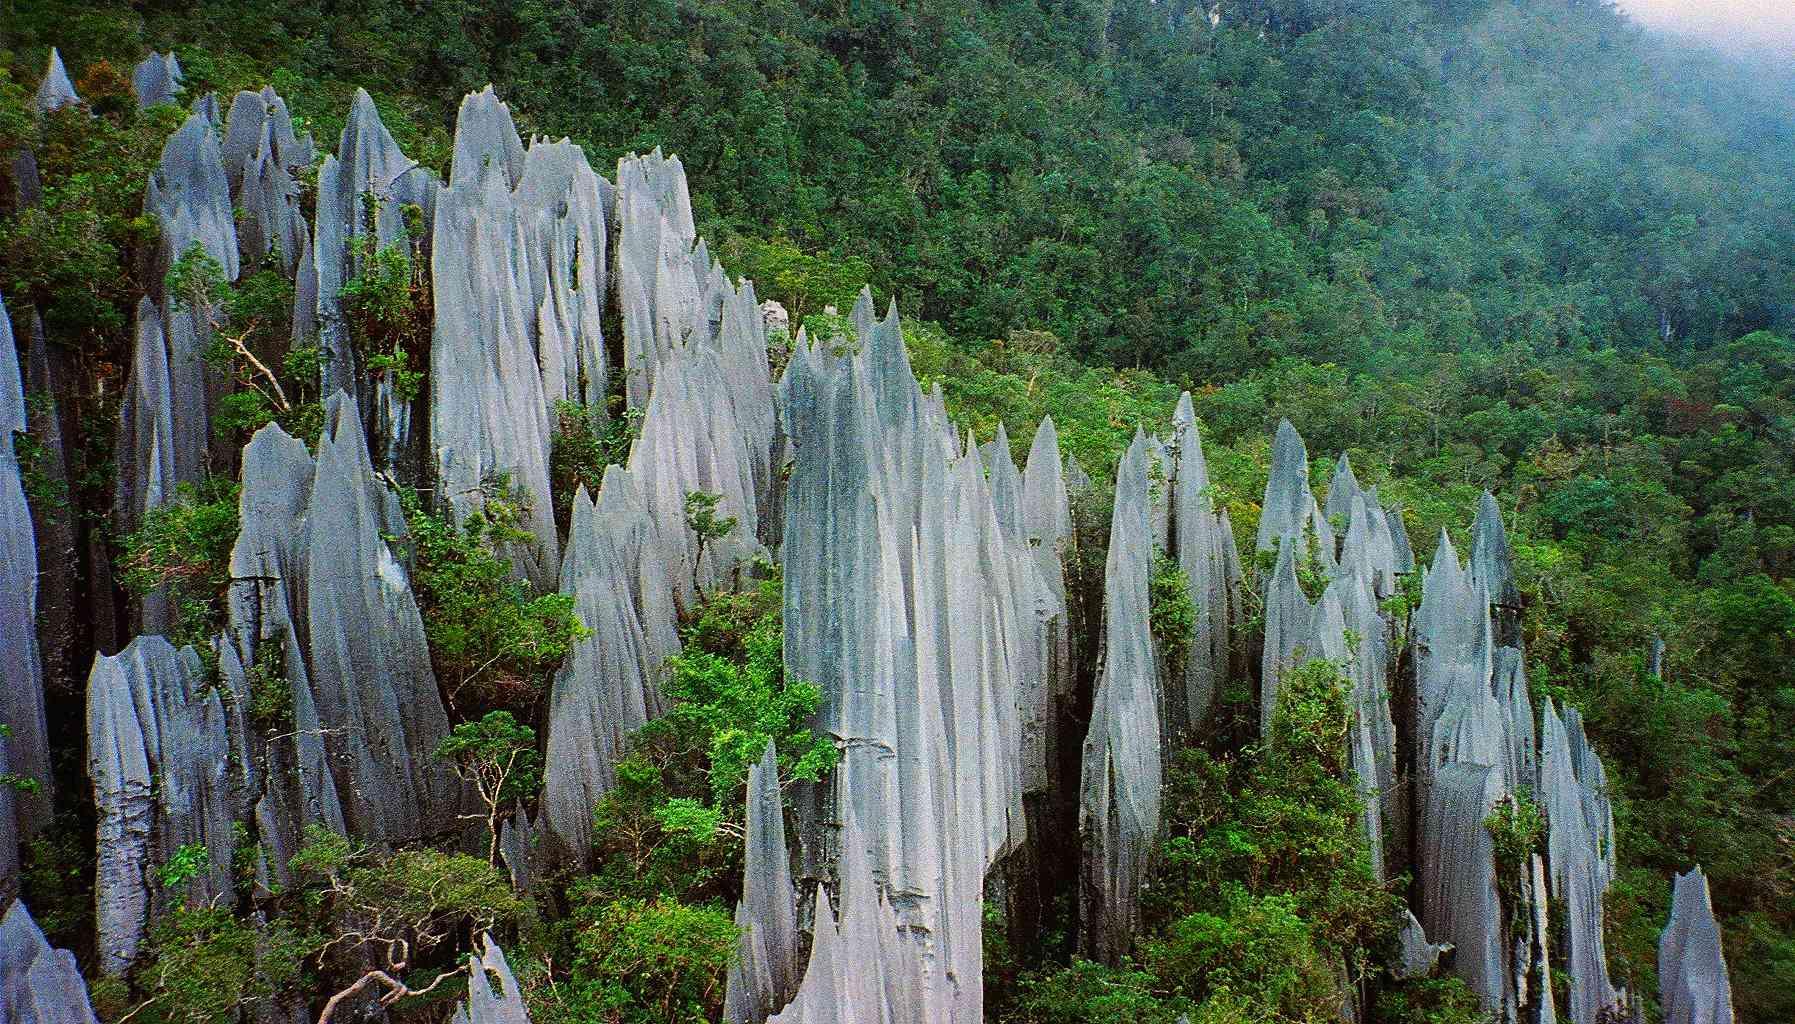 Pináculos de piedra caliza, Parque Nacional Mulu